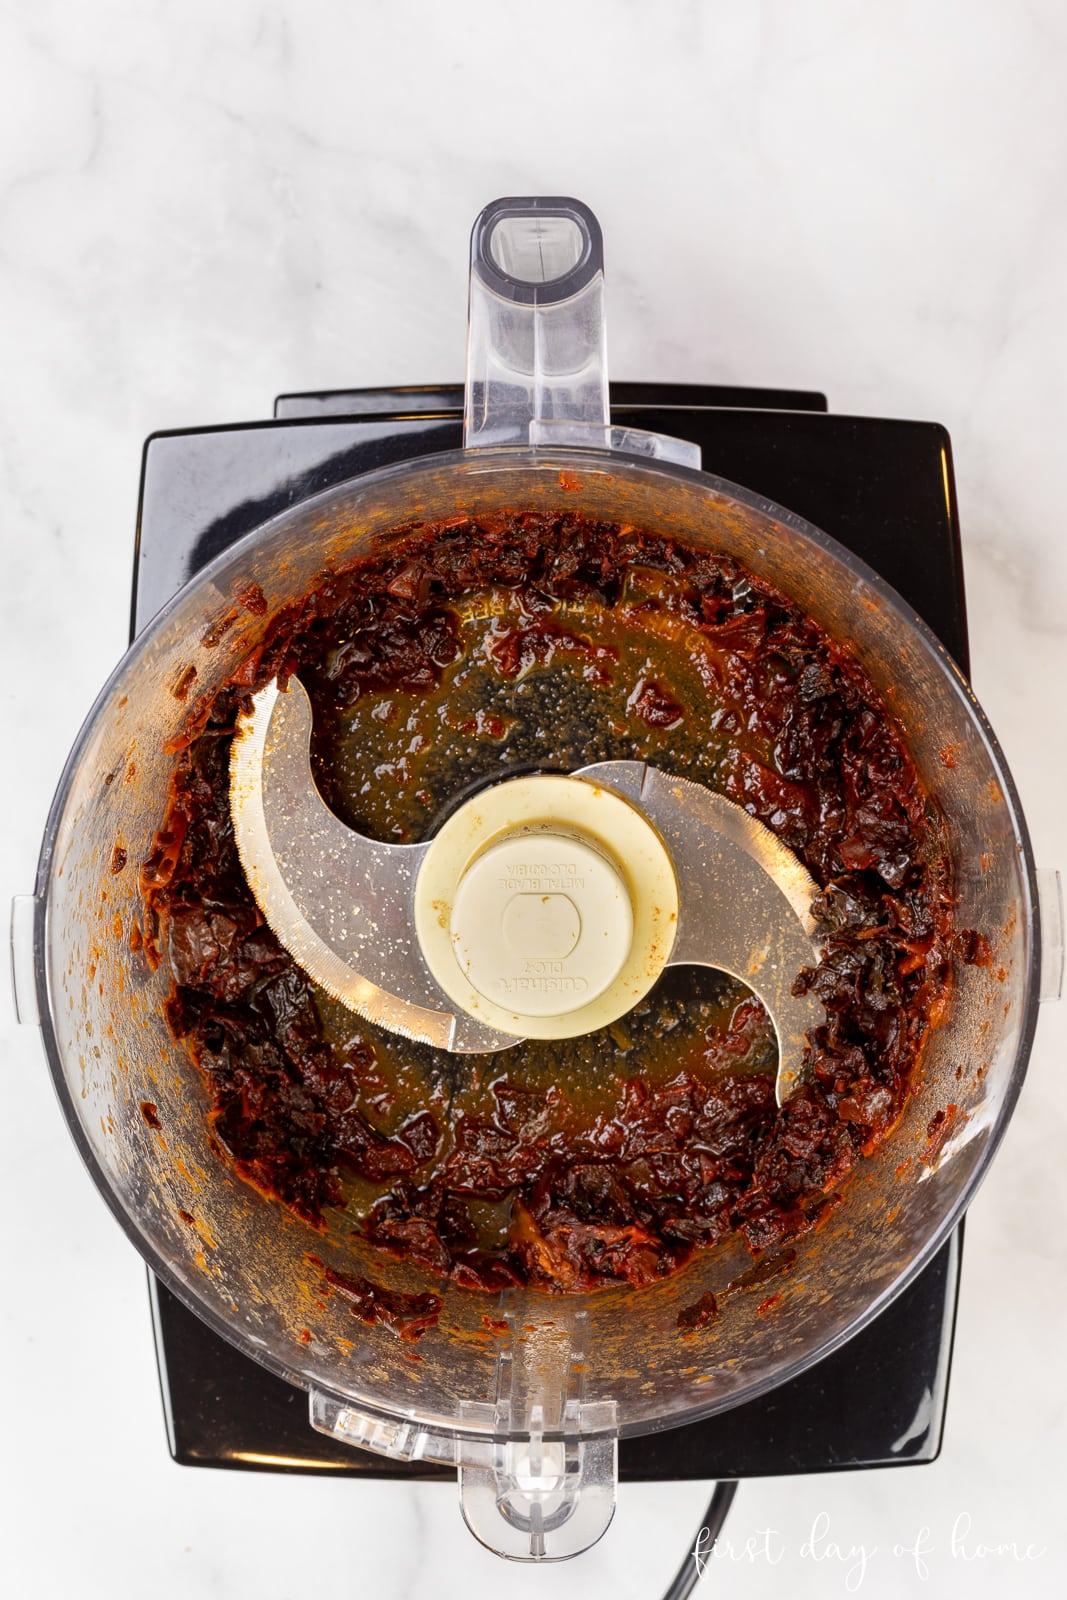 Red enchilada sauce in food processor after blending